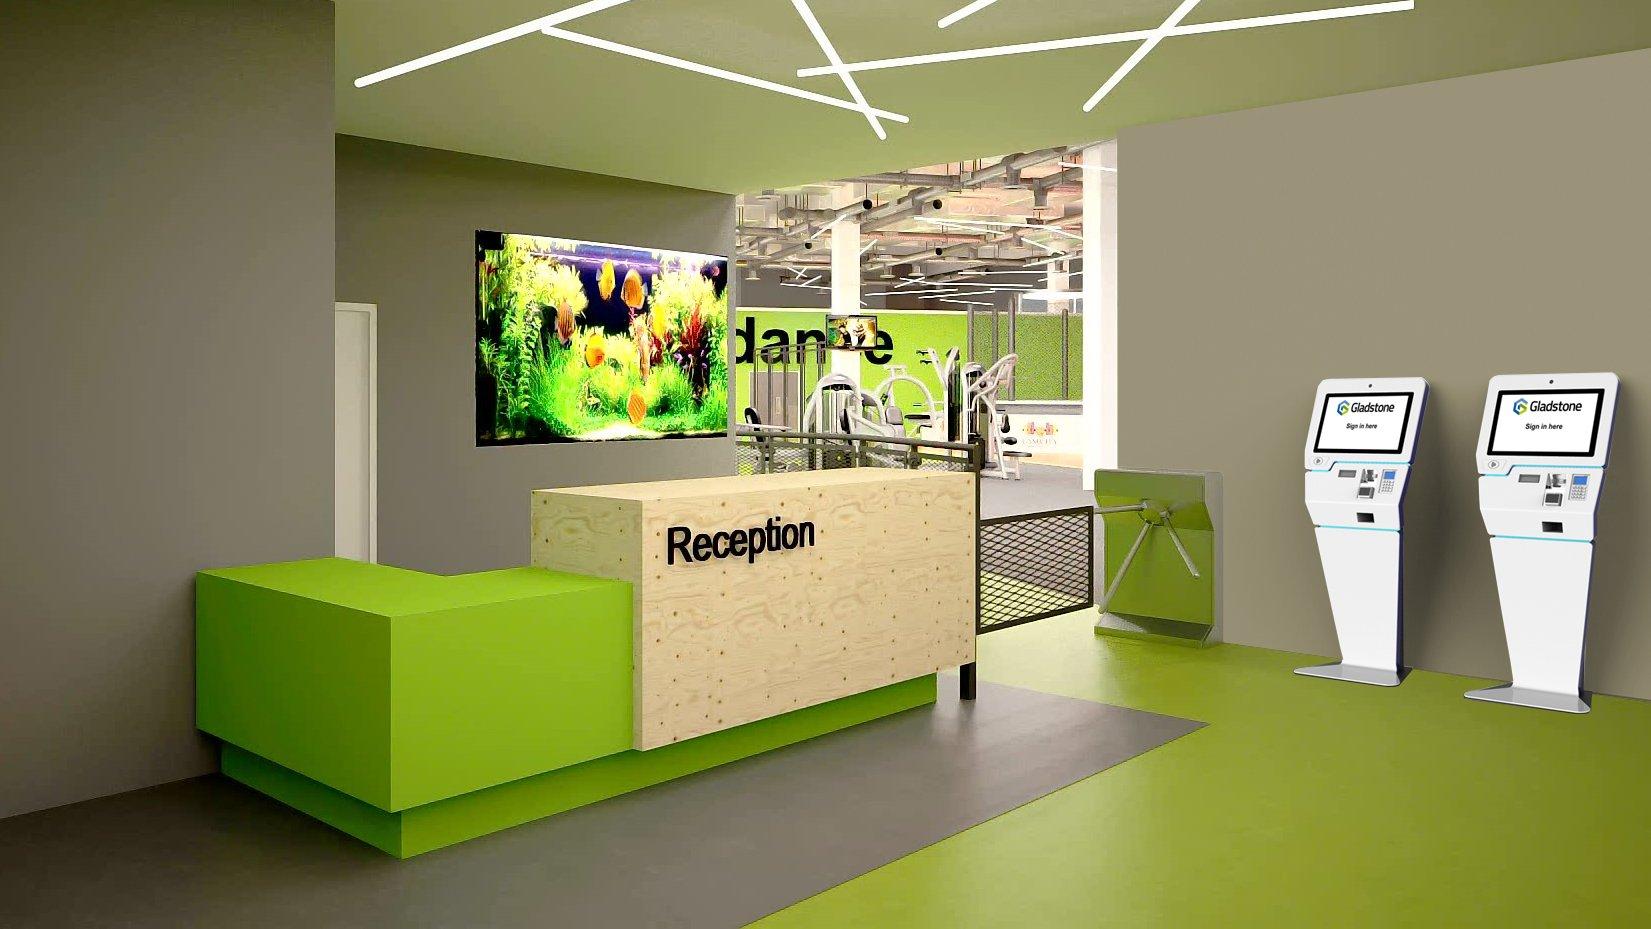 Kiosk v2 - reception render floor standing